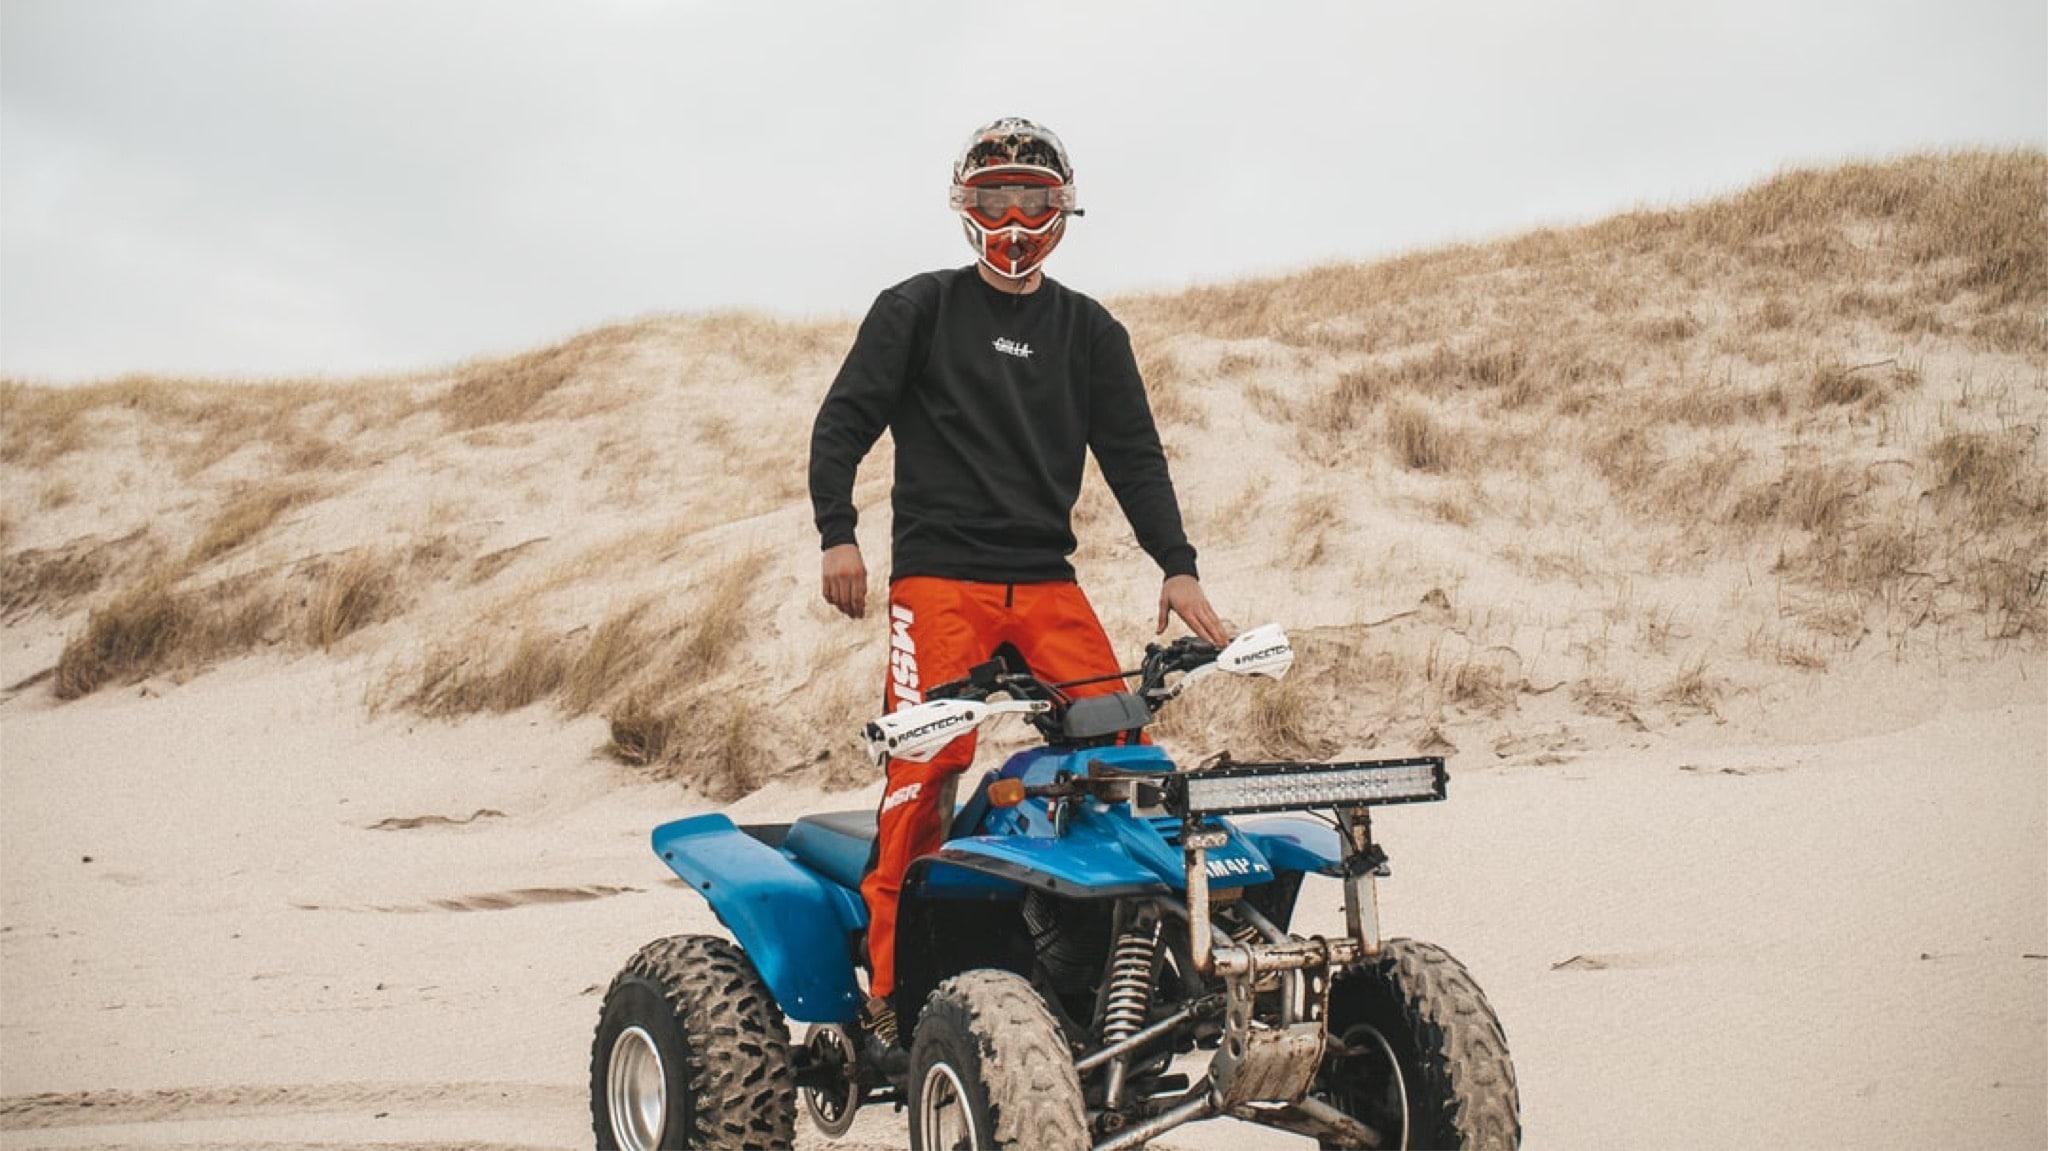 Passeio de Moto 4 para descobrir o interior do Algarve